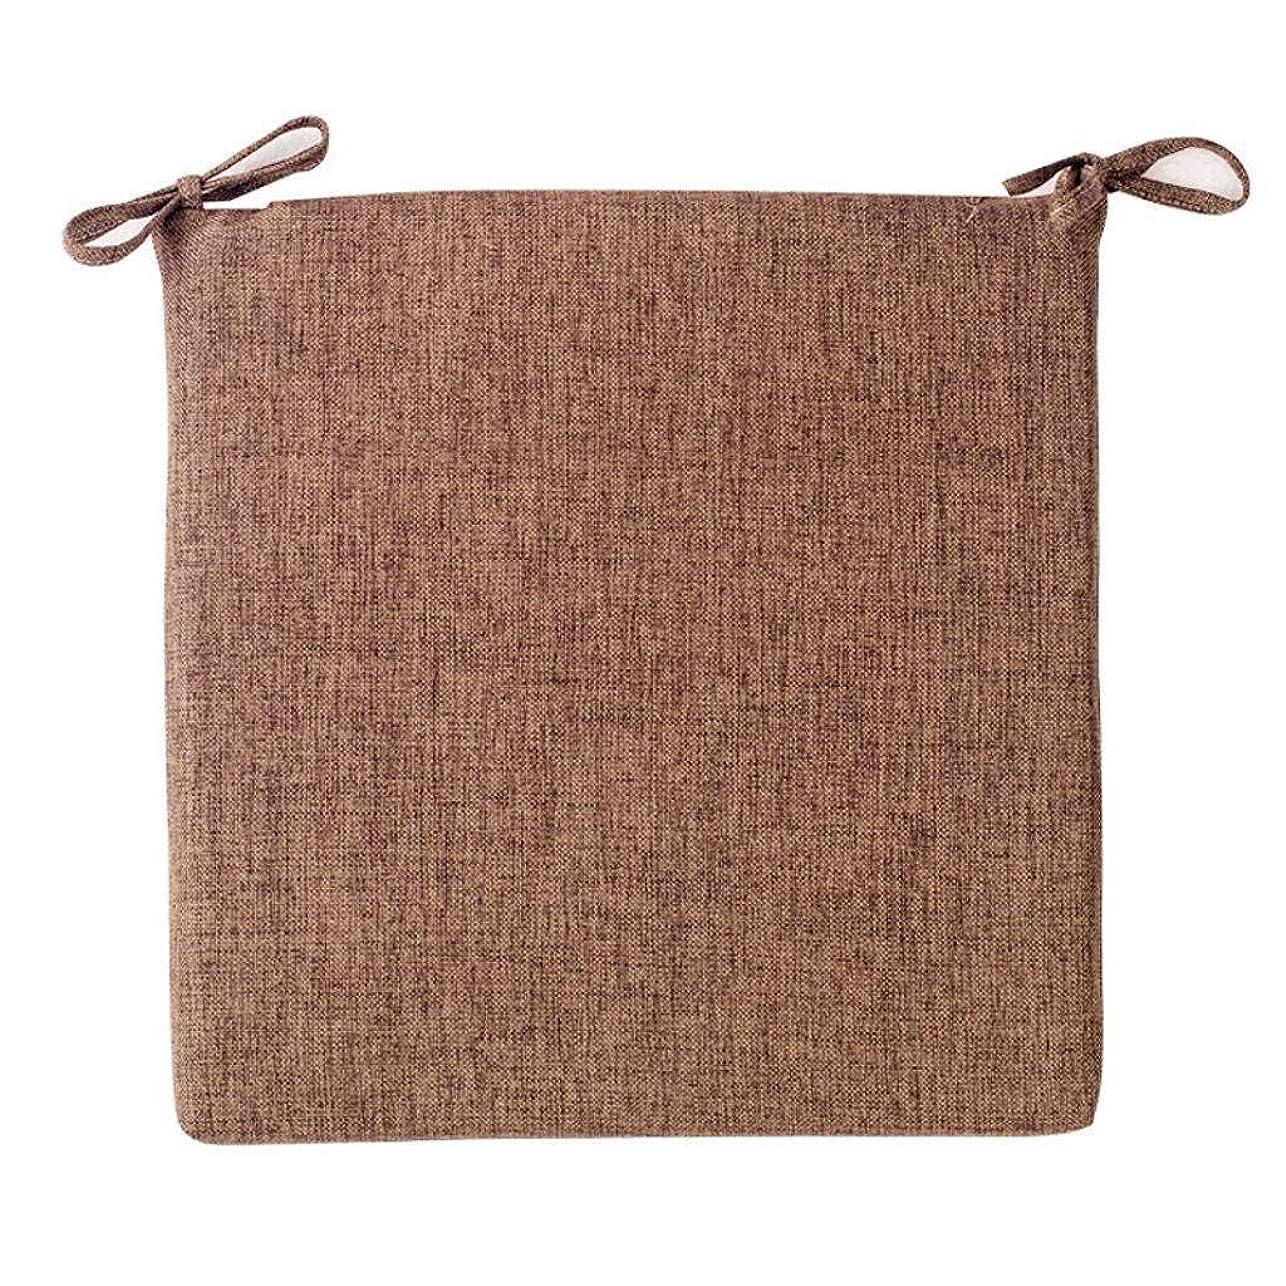 取り出す球状フリースZWXXQ コットンとリネン チェアクッション 取り外し可能 ネクタイ付き クッション そして洗える 快適さ Thickness 4 cm クッション 通気性 柔らかい 畳敷きクッション-45x45x4cm 褐色